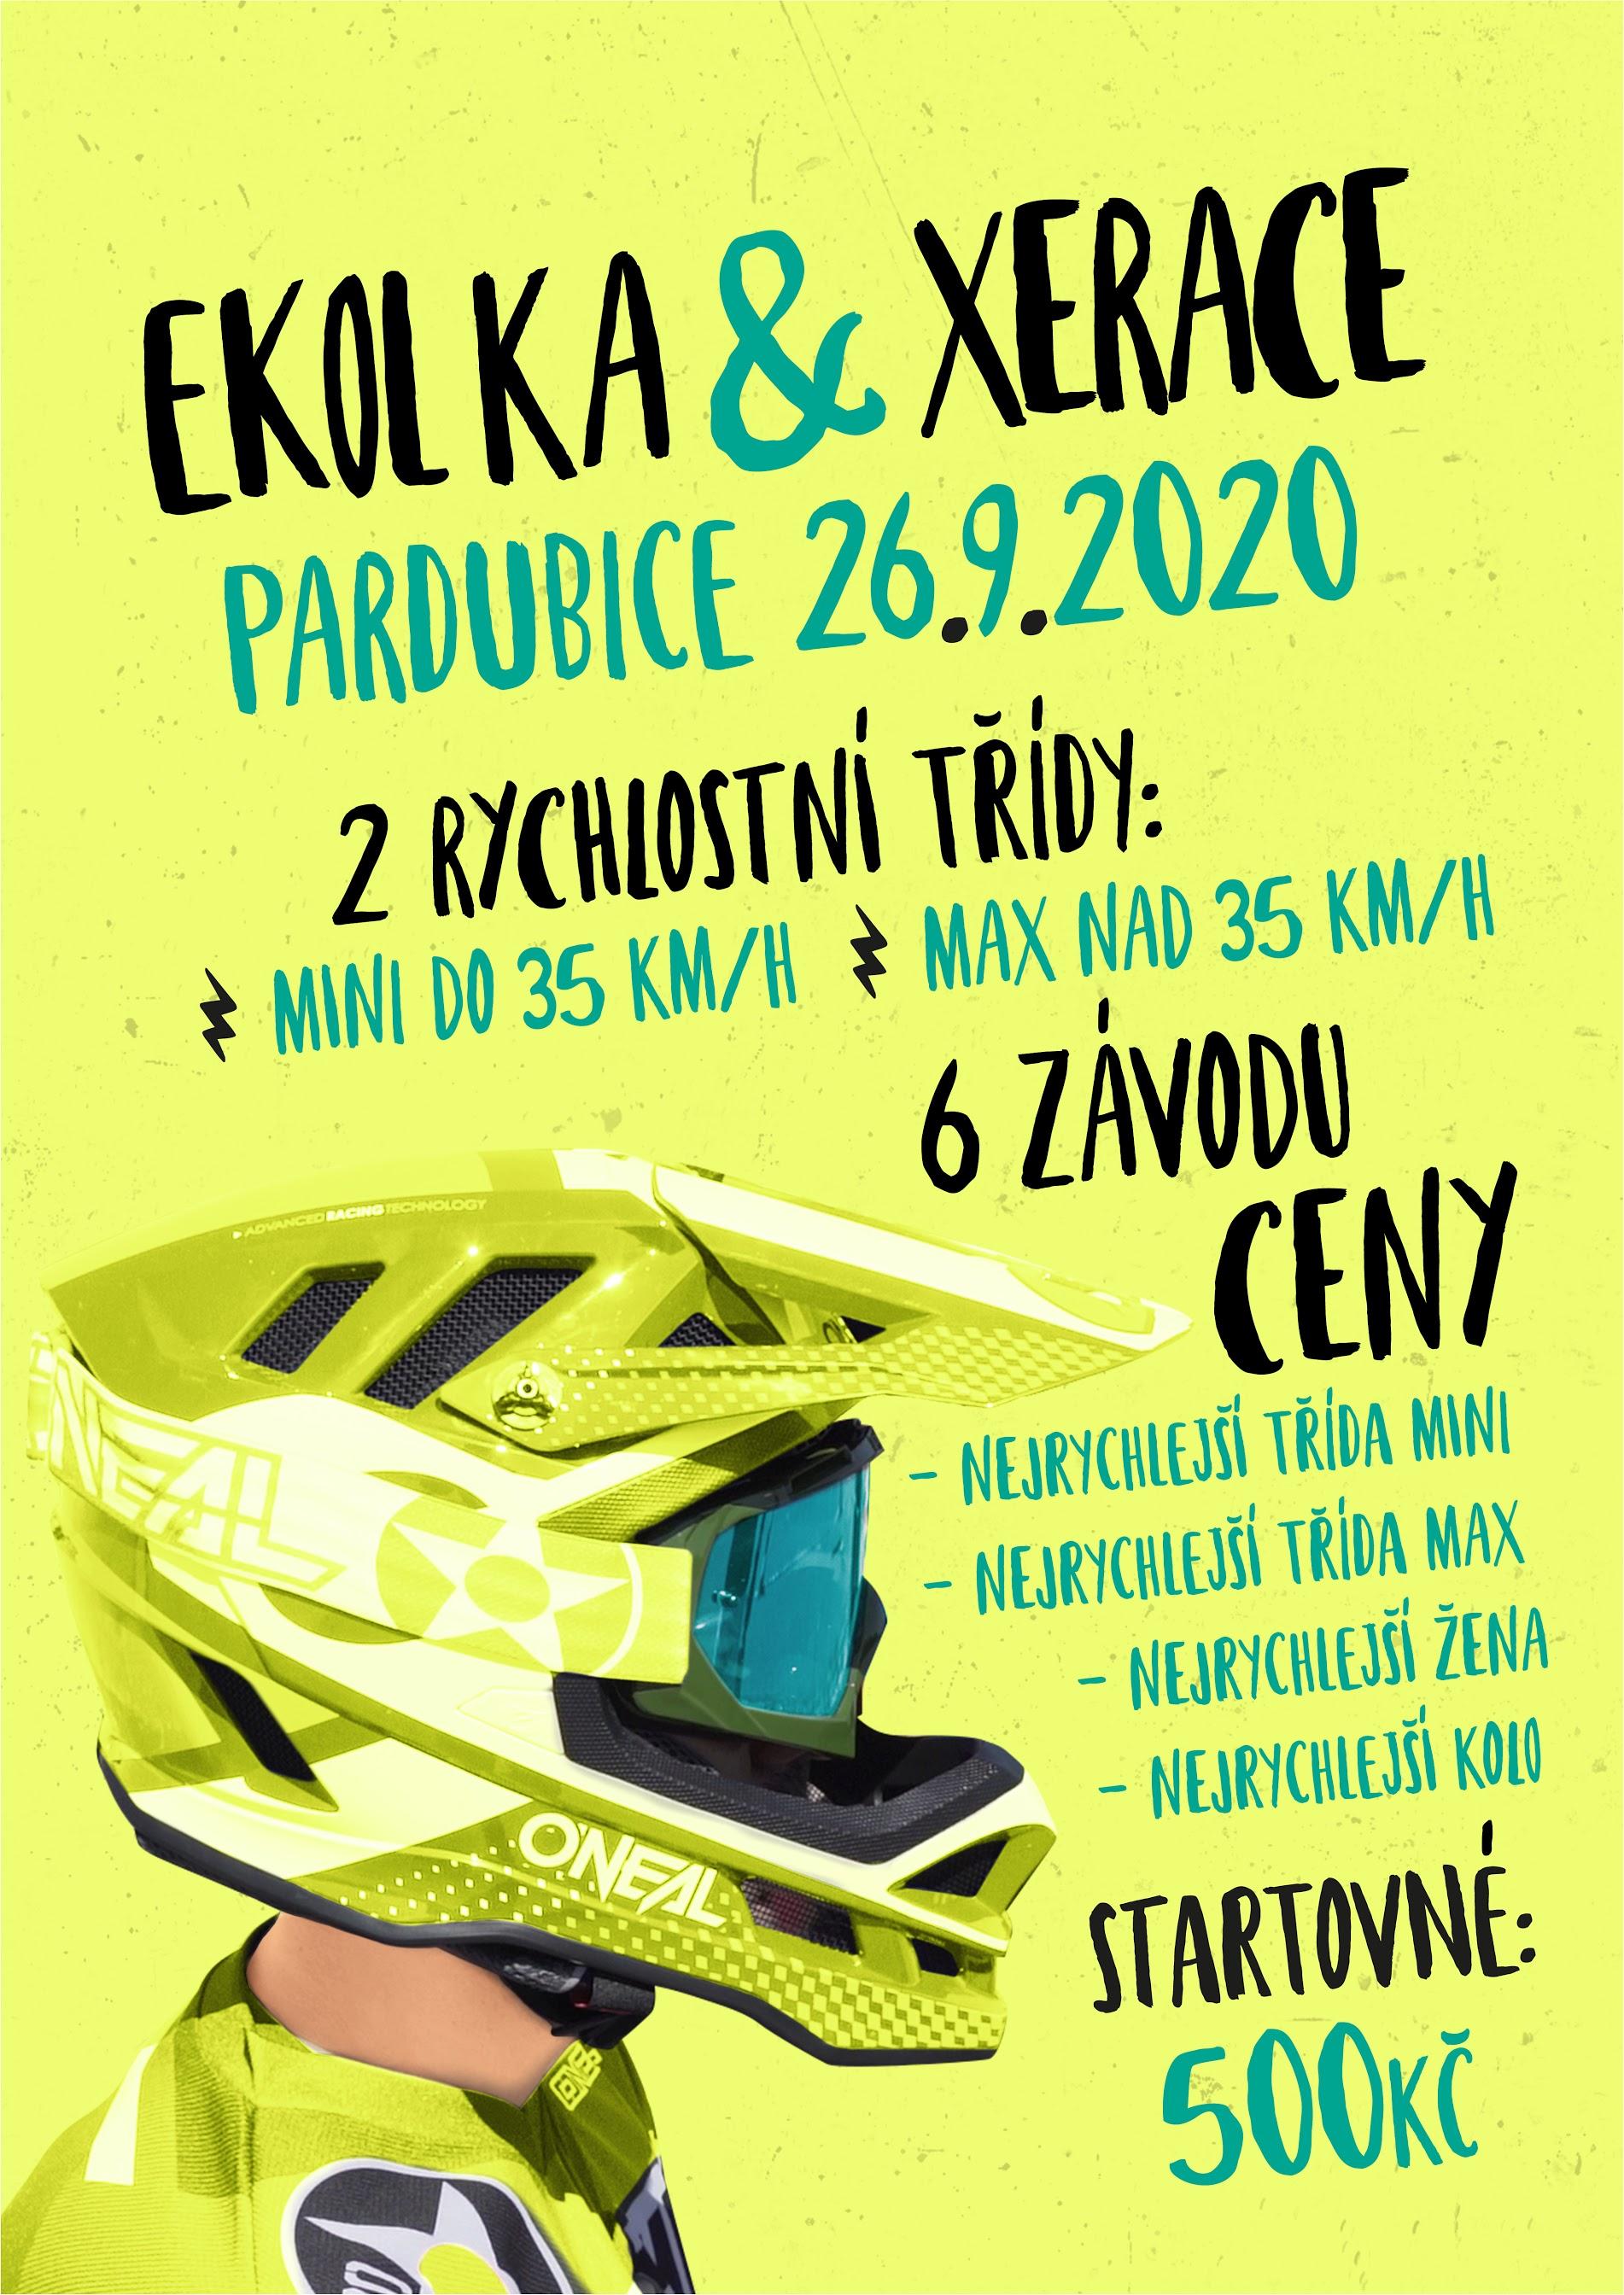 Ekolka & xErace Pardubice 2020